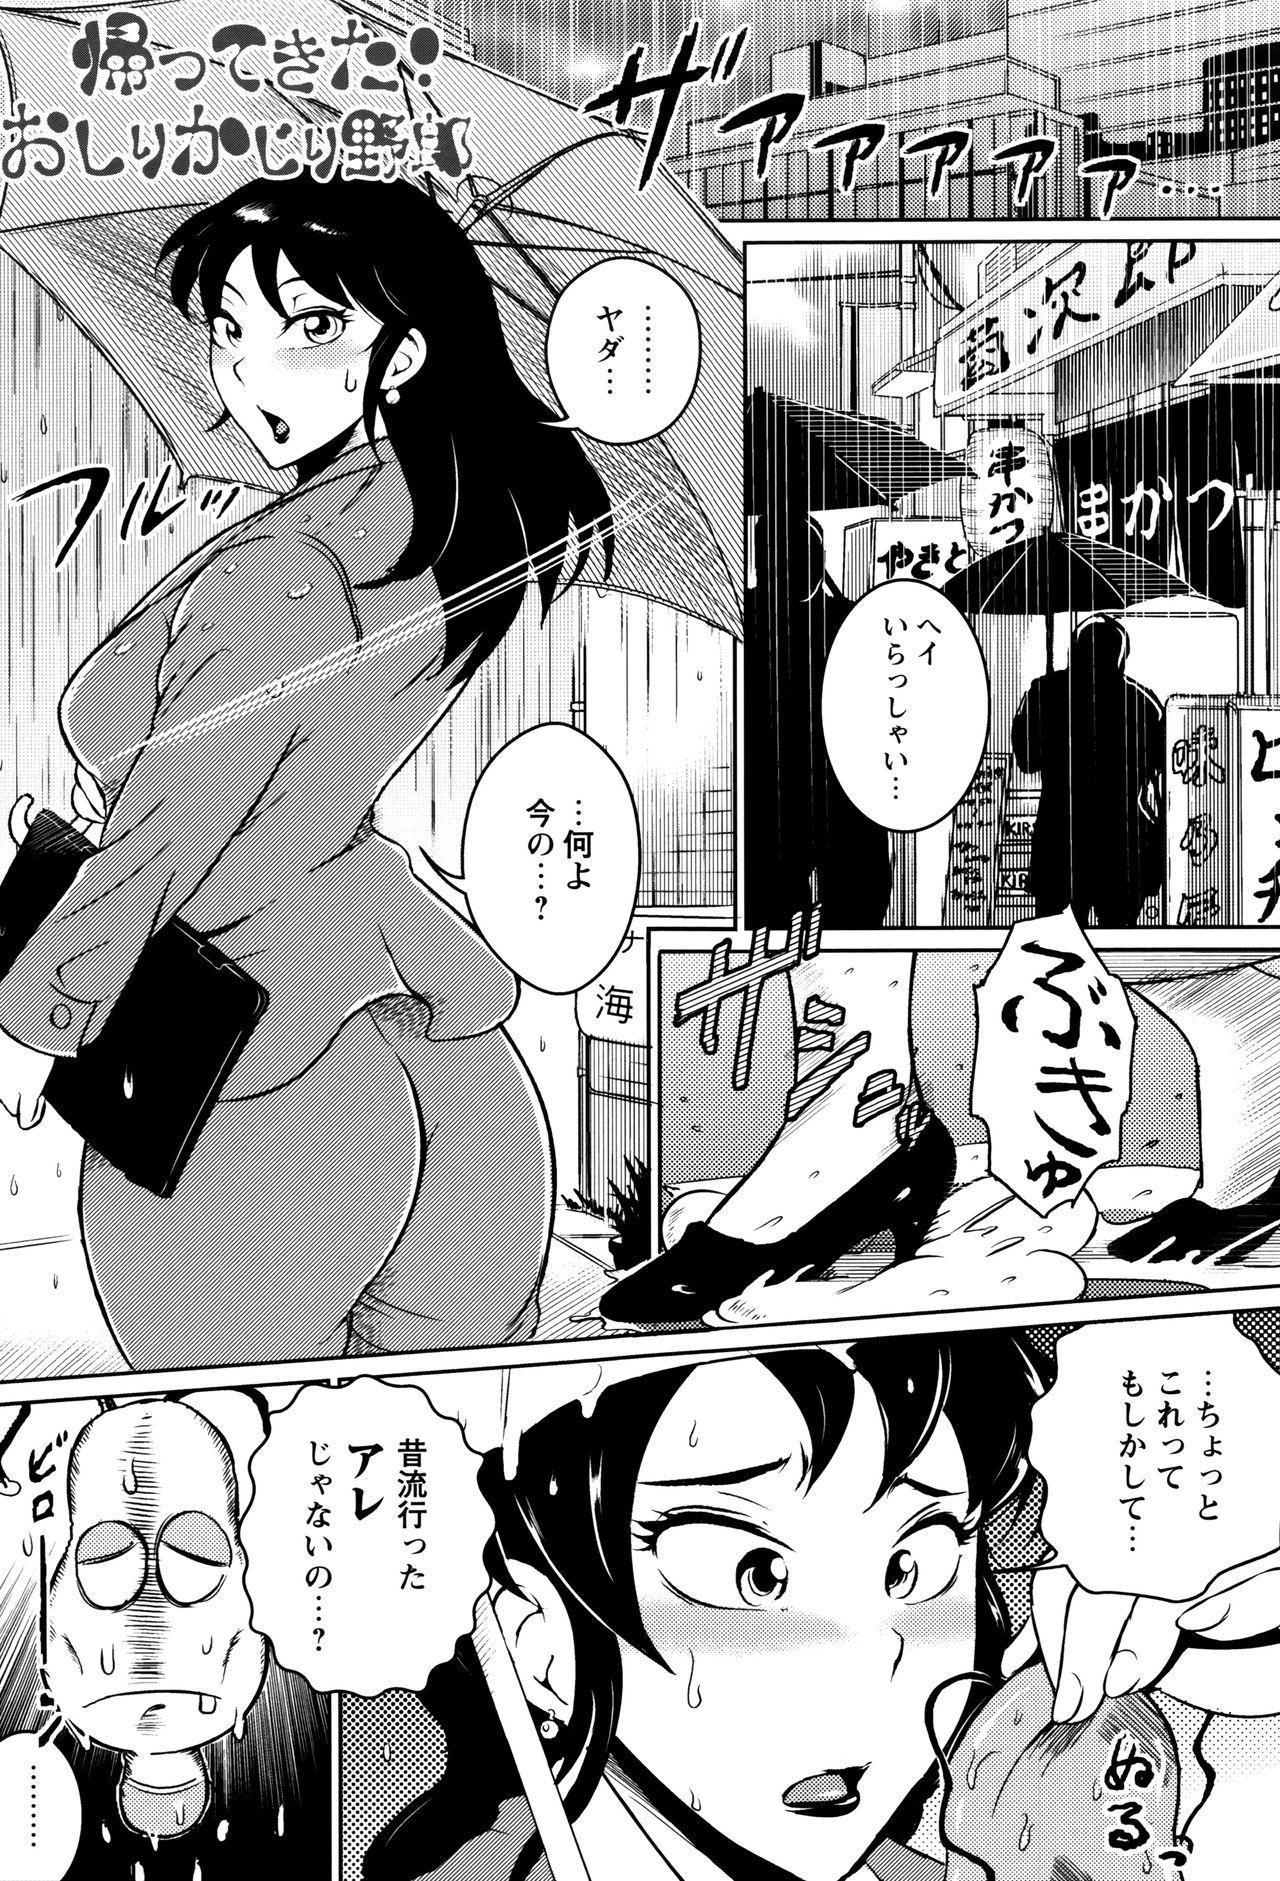 Ero BBA ♥ Dosukebe Ha Sengen 210